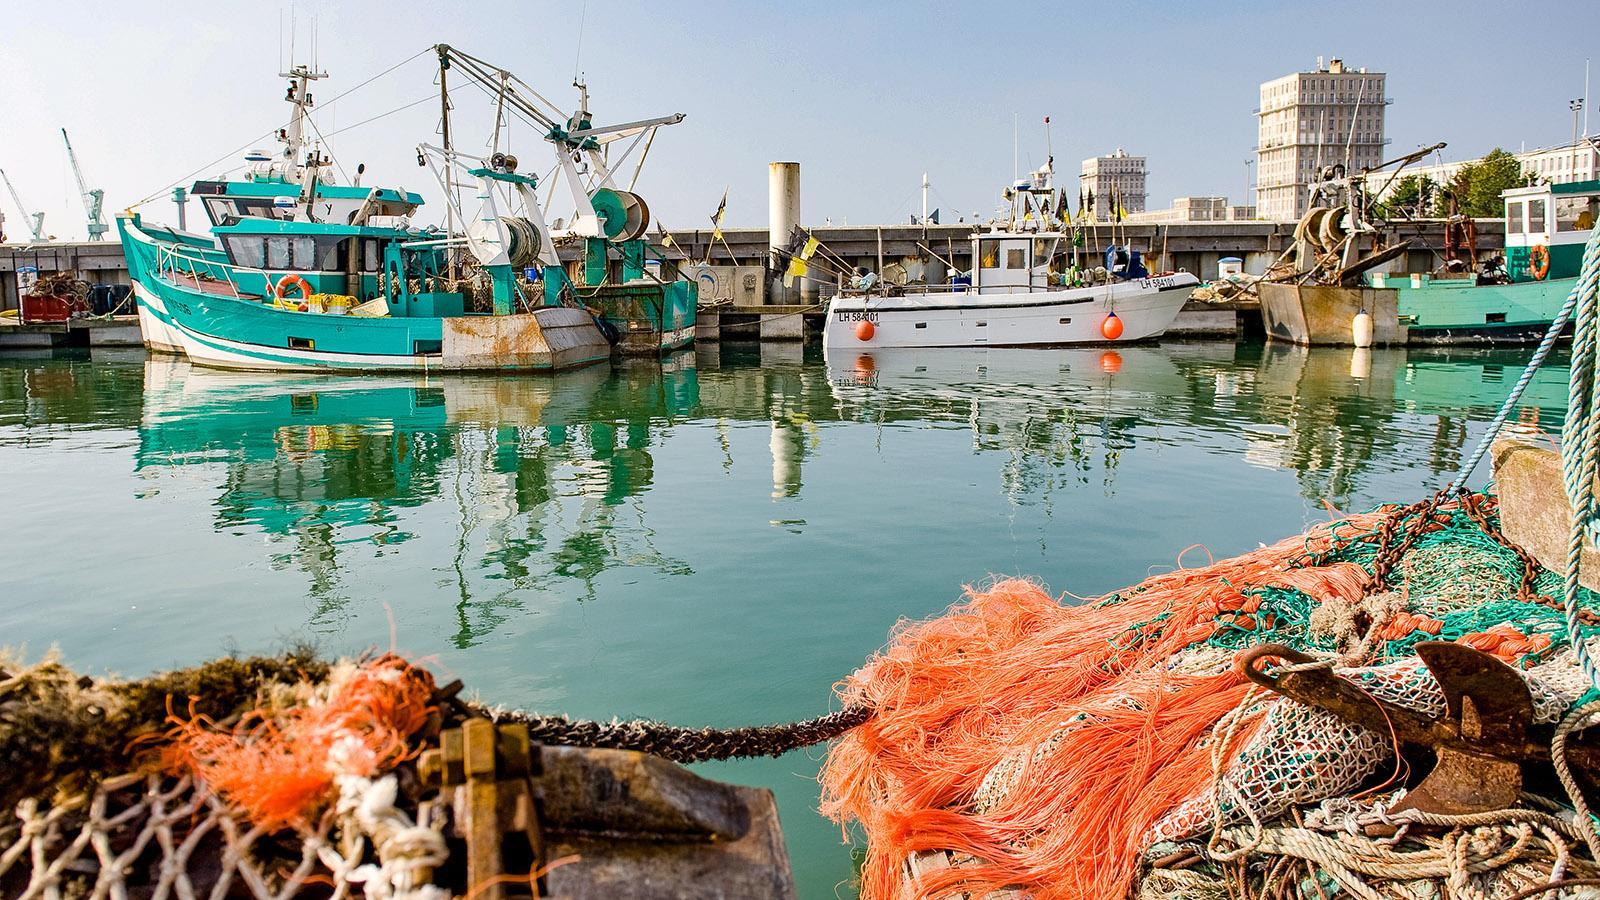 Der Fischereihafen von Le Havre. Foto: Hilke Maunder